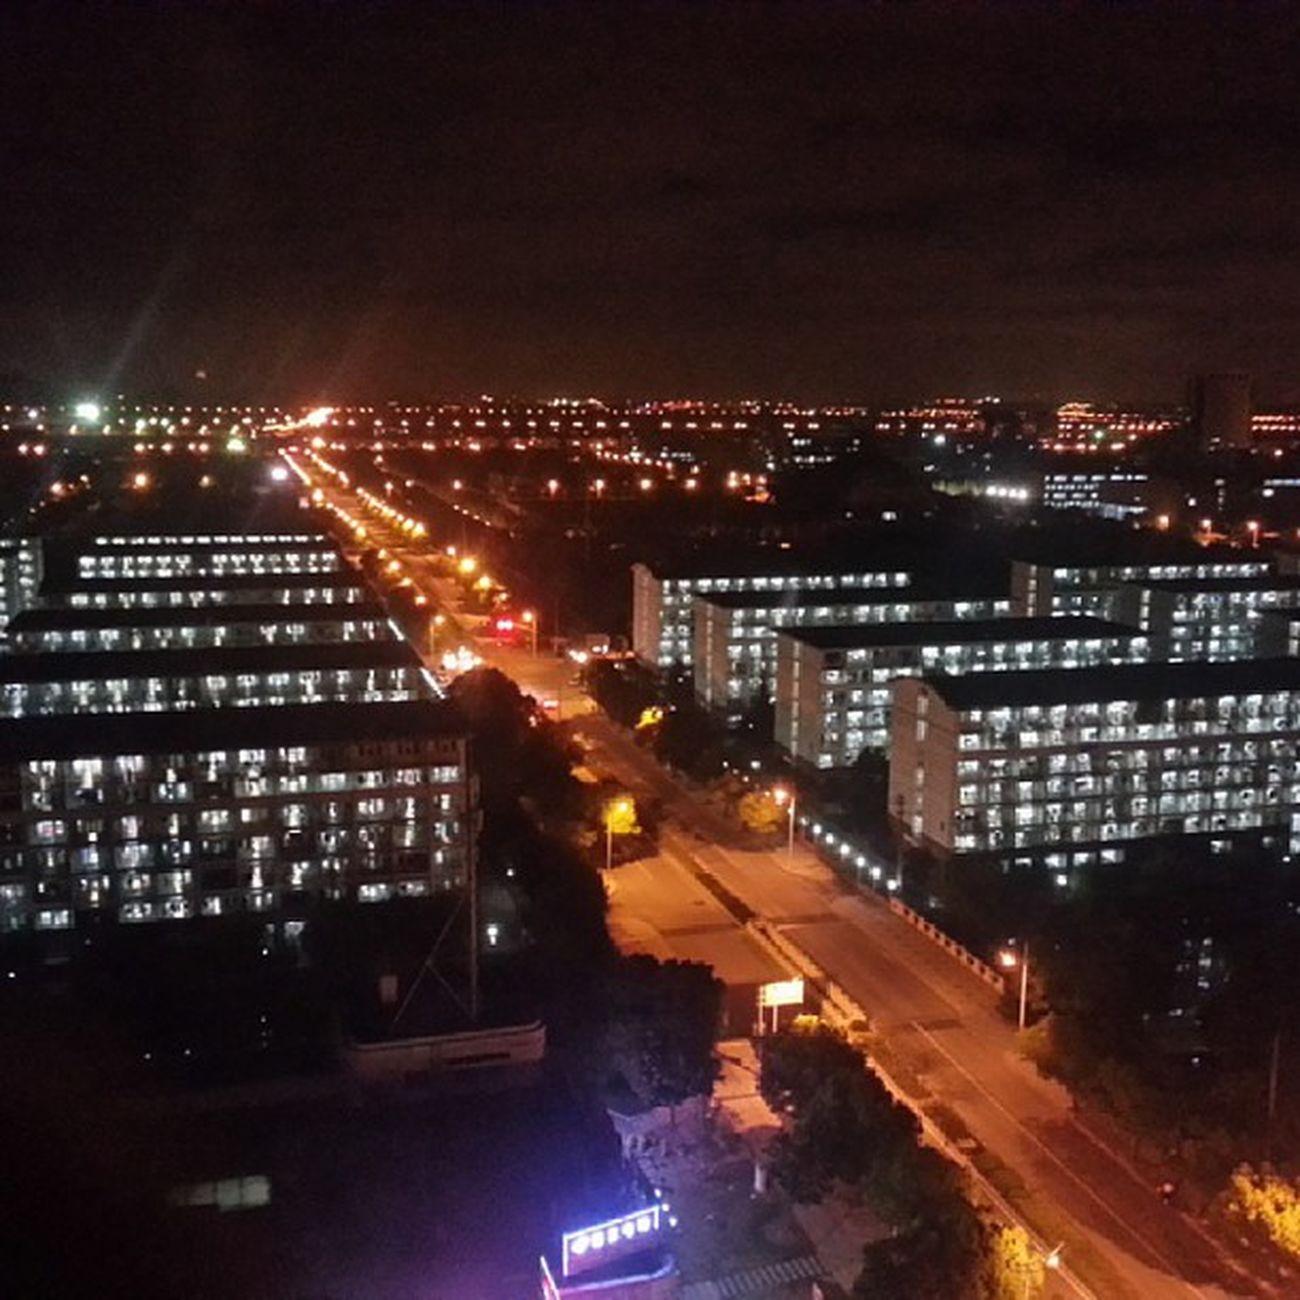 在立信新楼上俯瞰寝室楼群